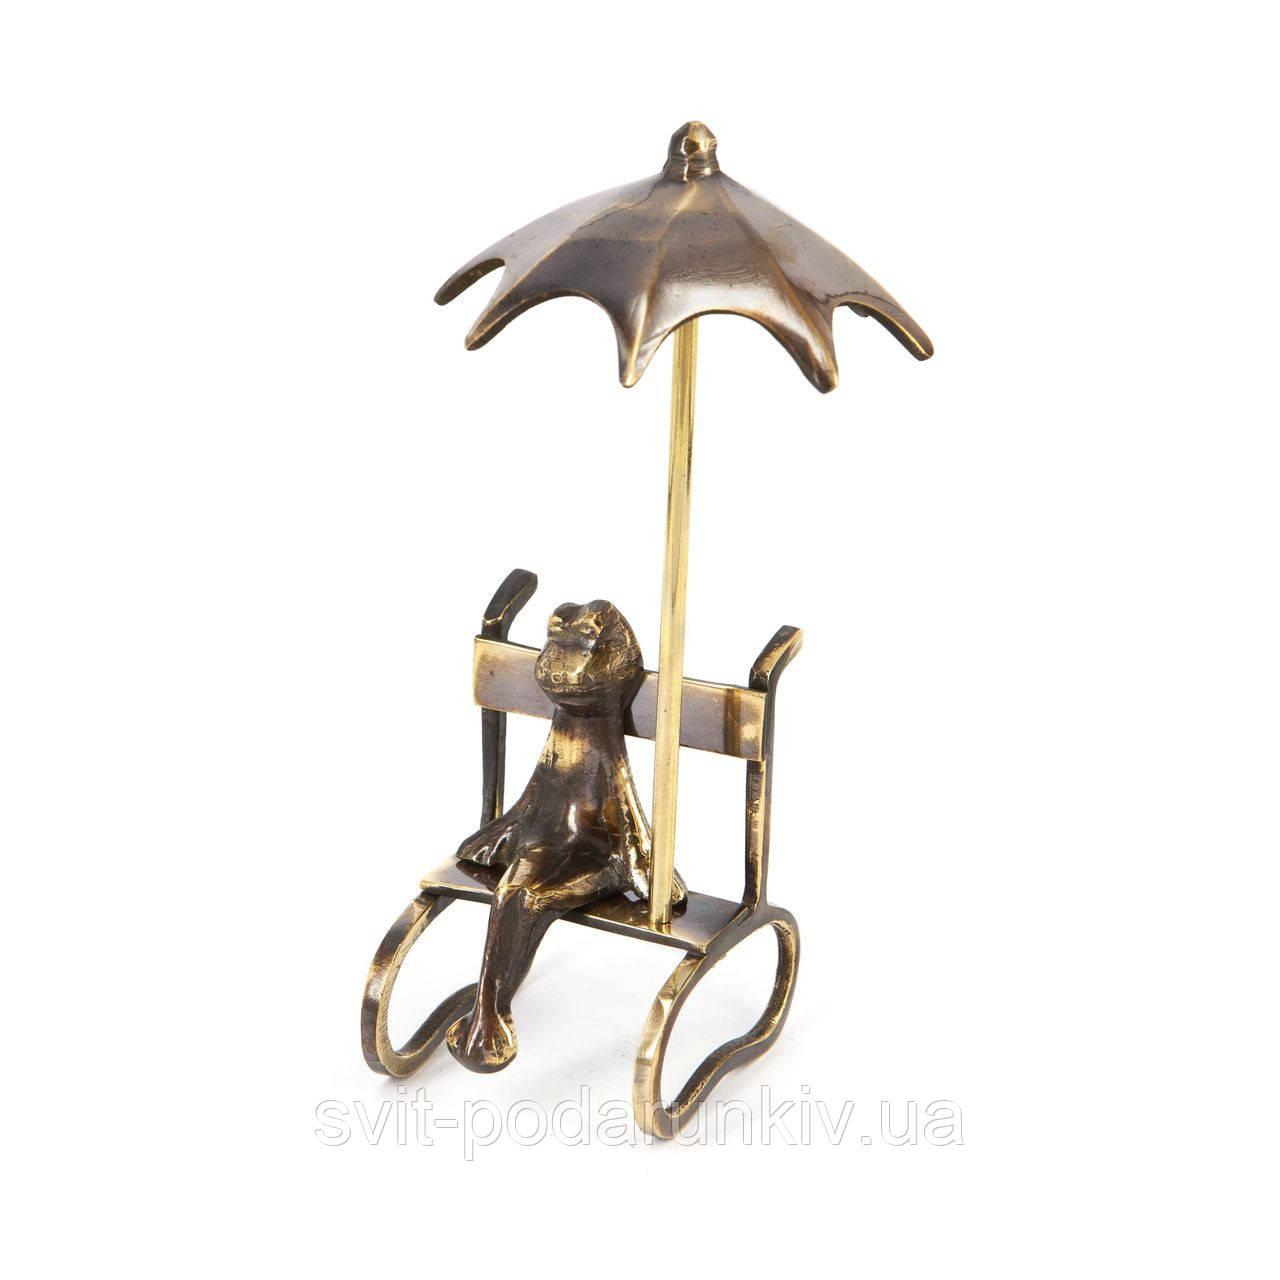 Фигурка лягушка сувенир статуэтка на лавочке 121